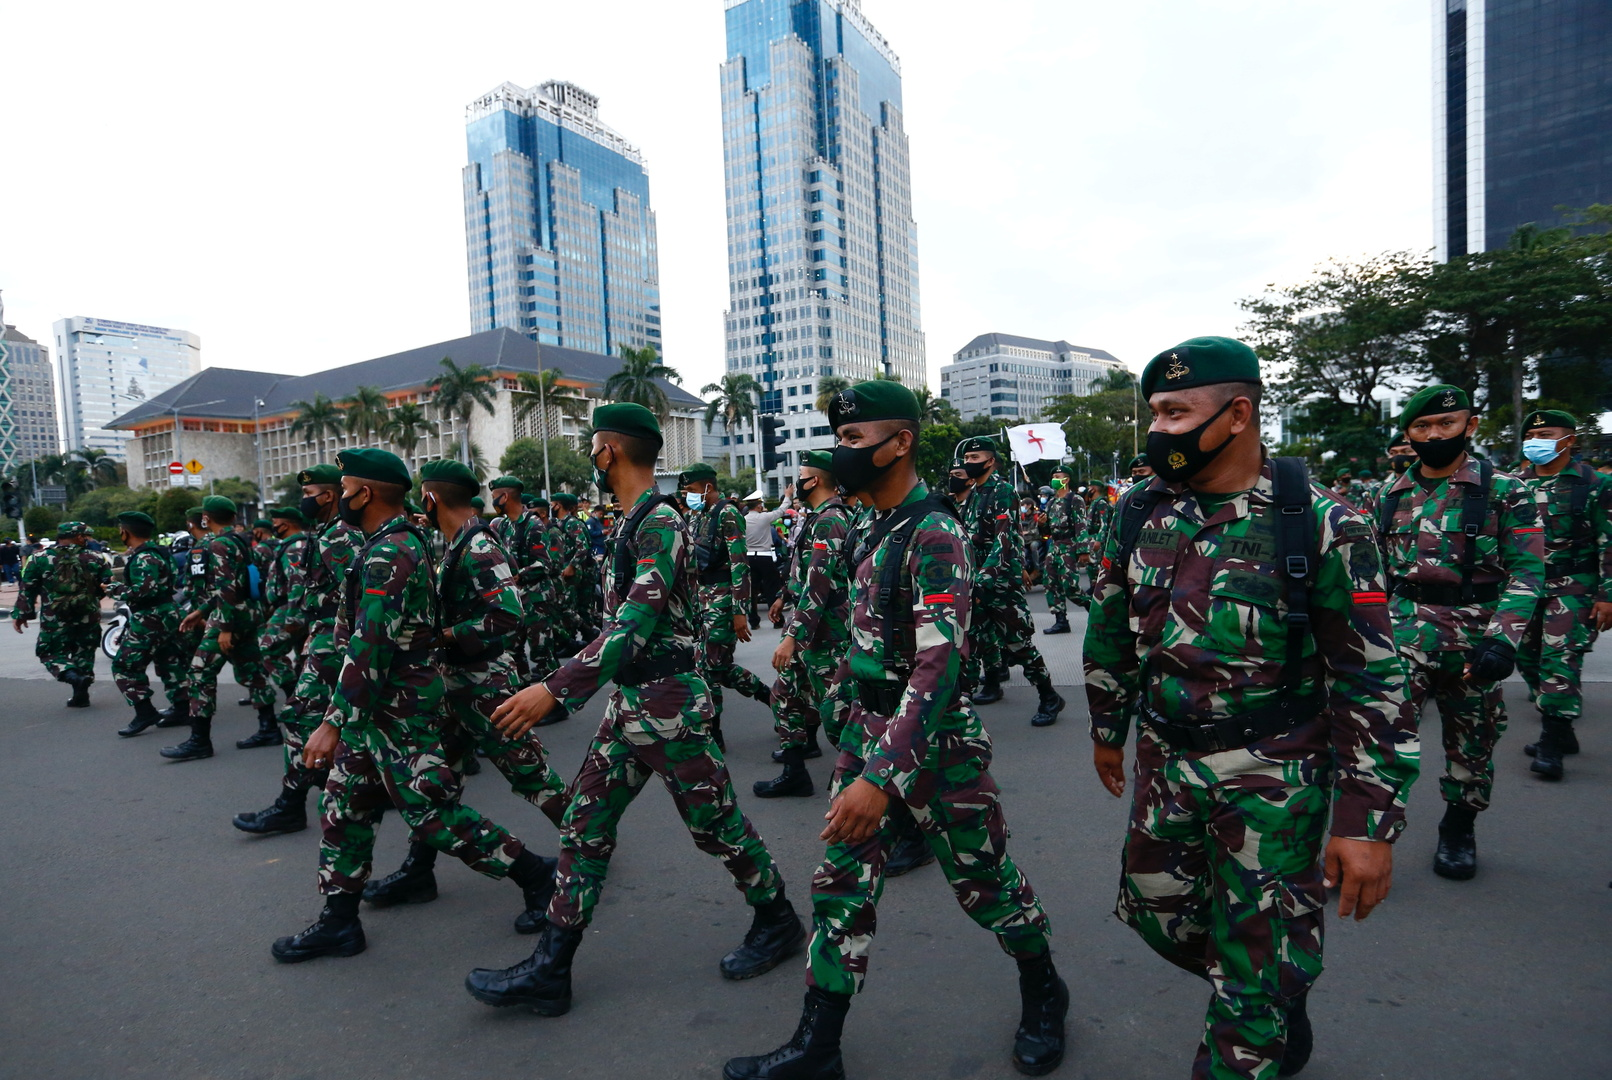 إندونيسيا.. السجن 7 أشهر لجندي أقام علاقات جنسية مثلية